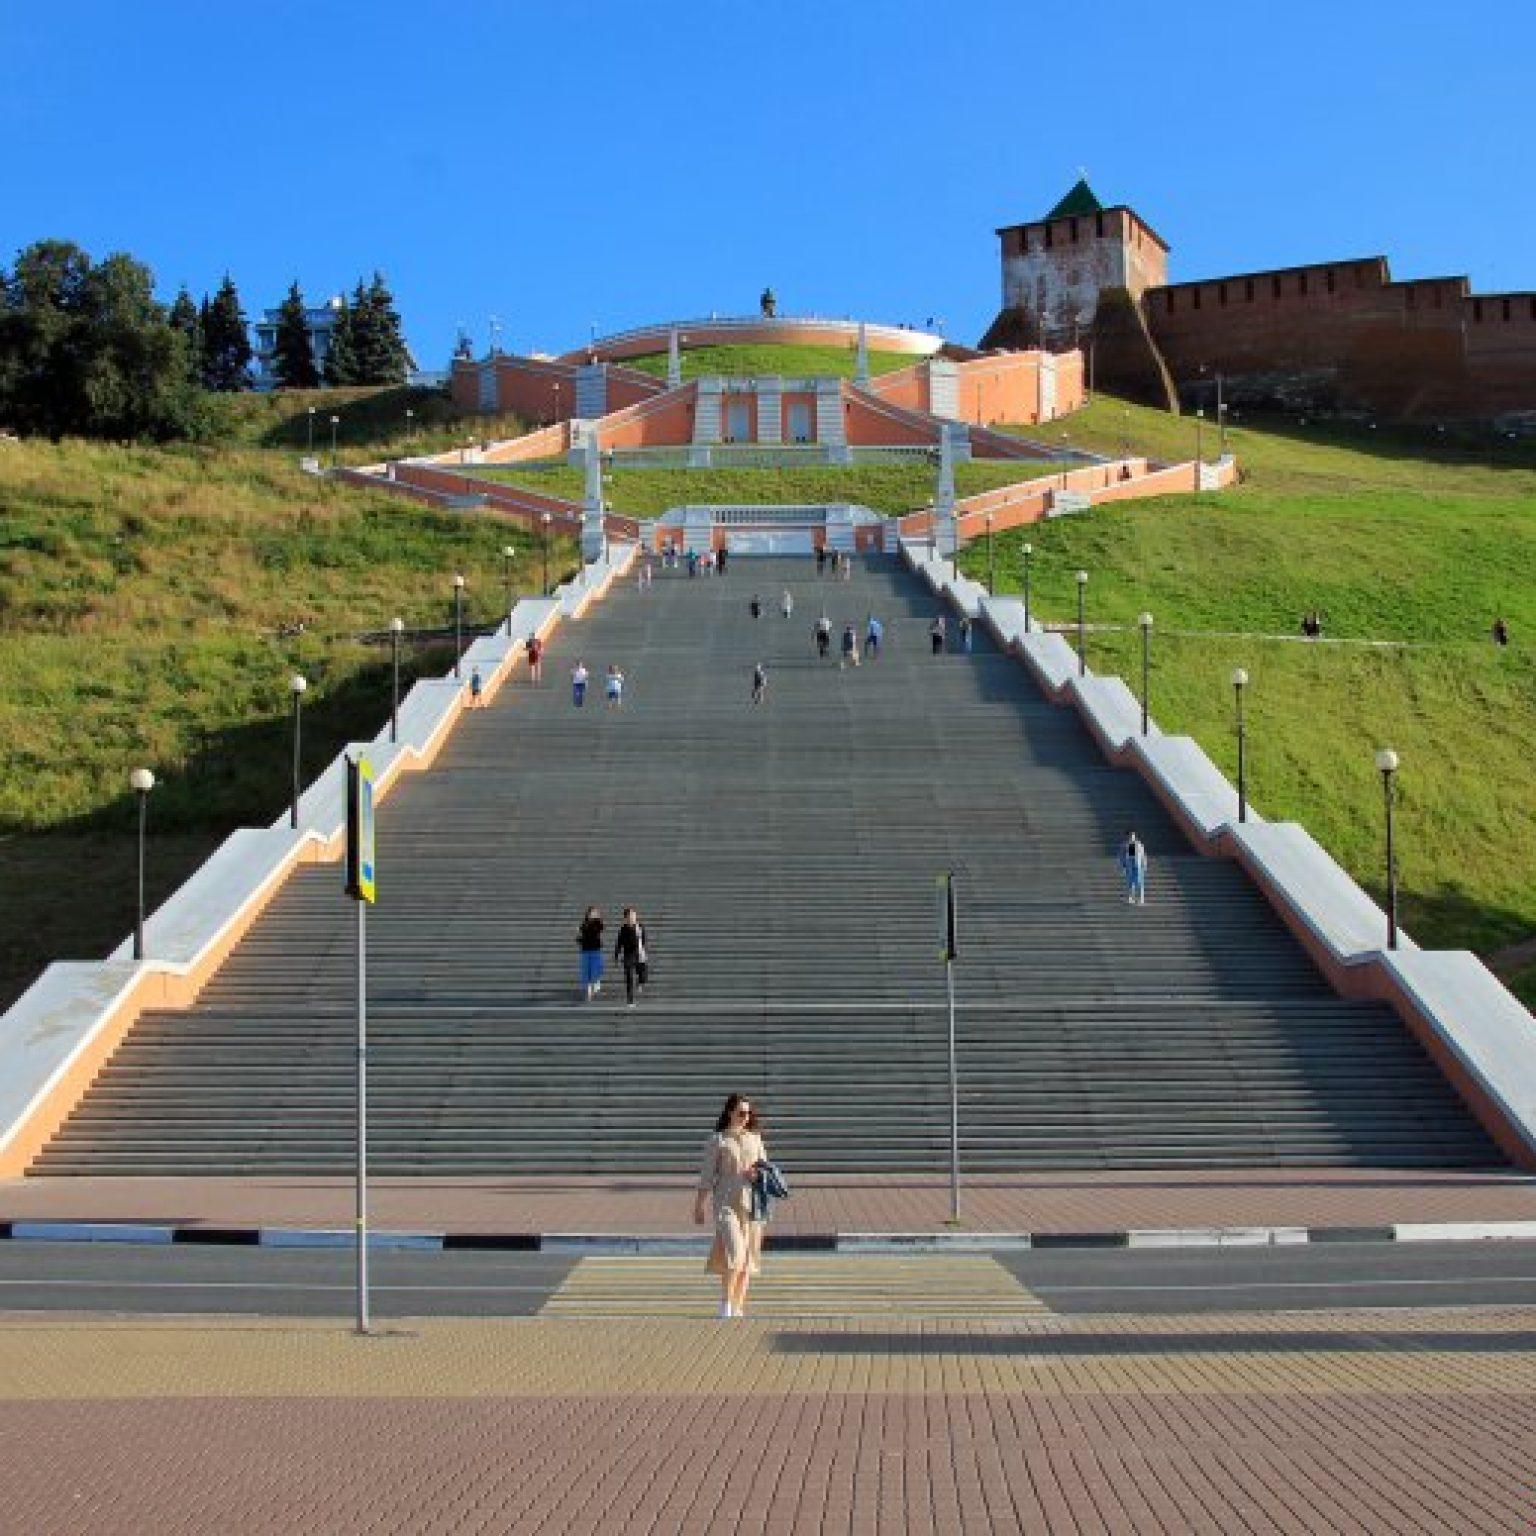 Достопримечательности Нижнего Новгорода: Чкаловская лестница